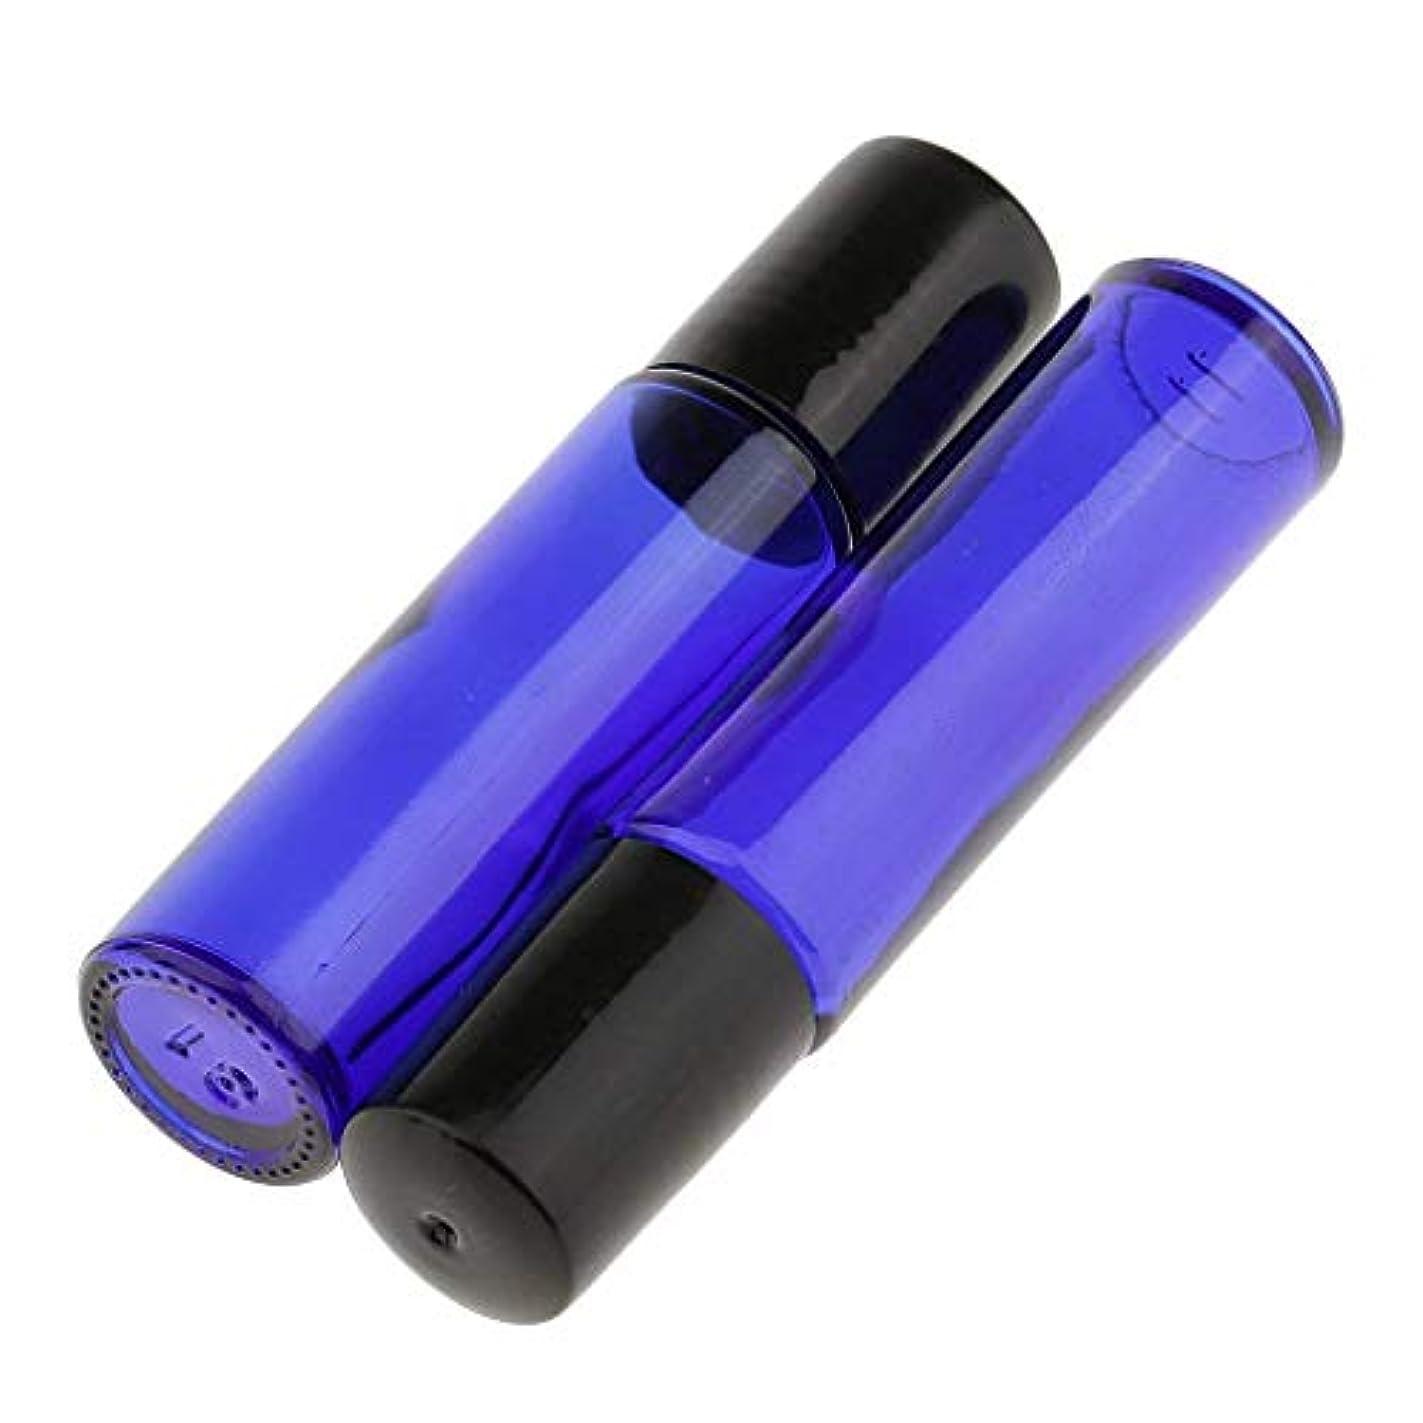 つらい骨理解するロールオンボトル 遮光瓶 ガラスロールタイプ 2 本セット